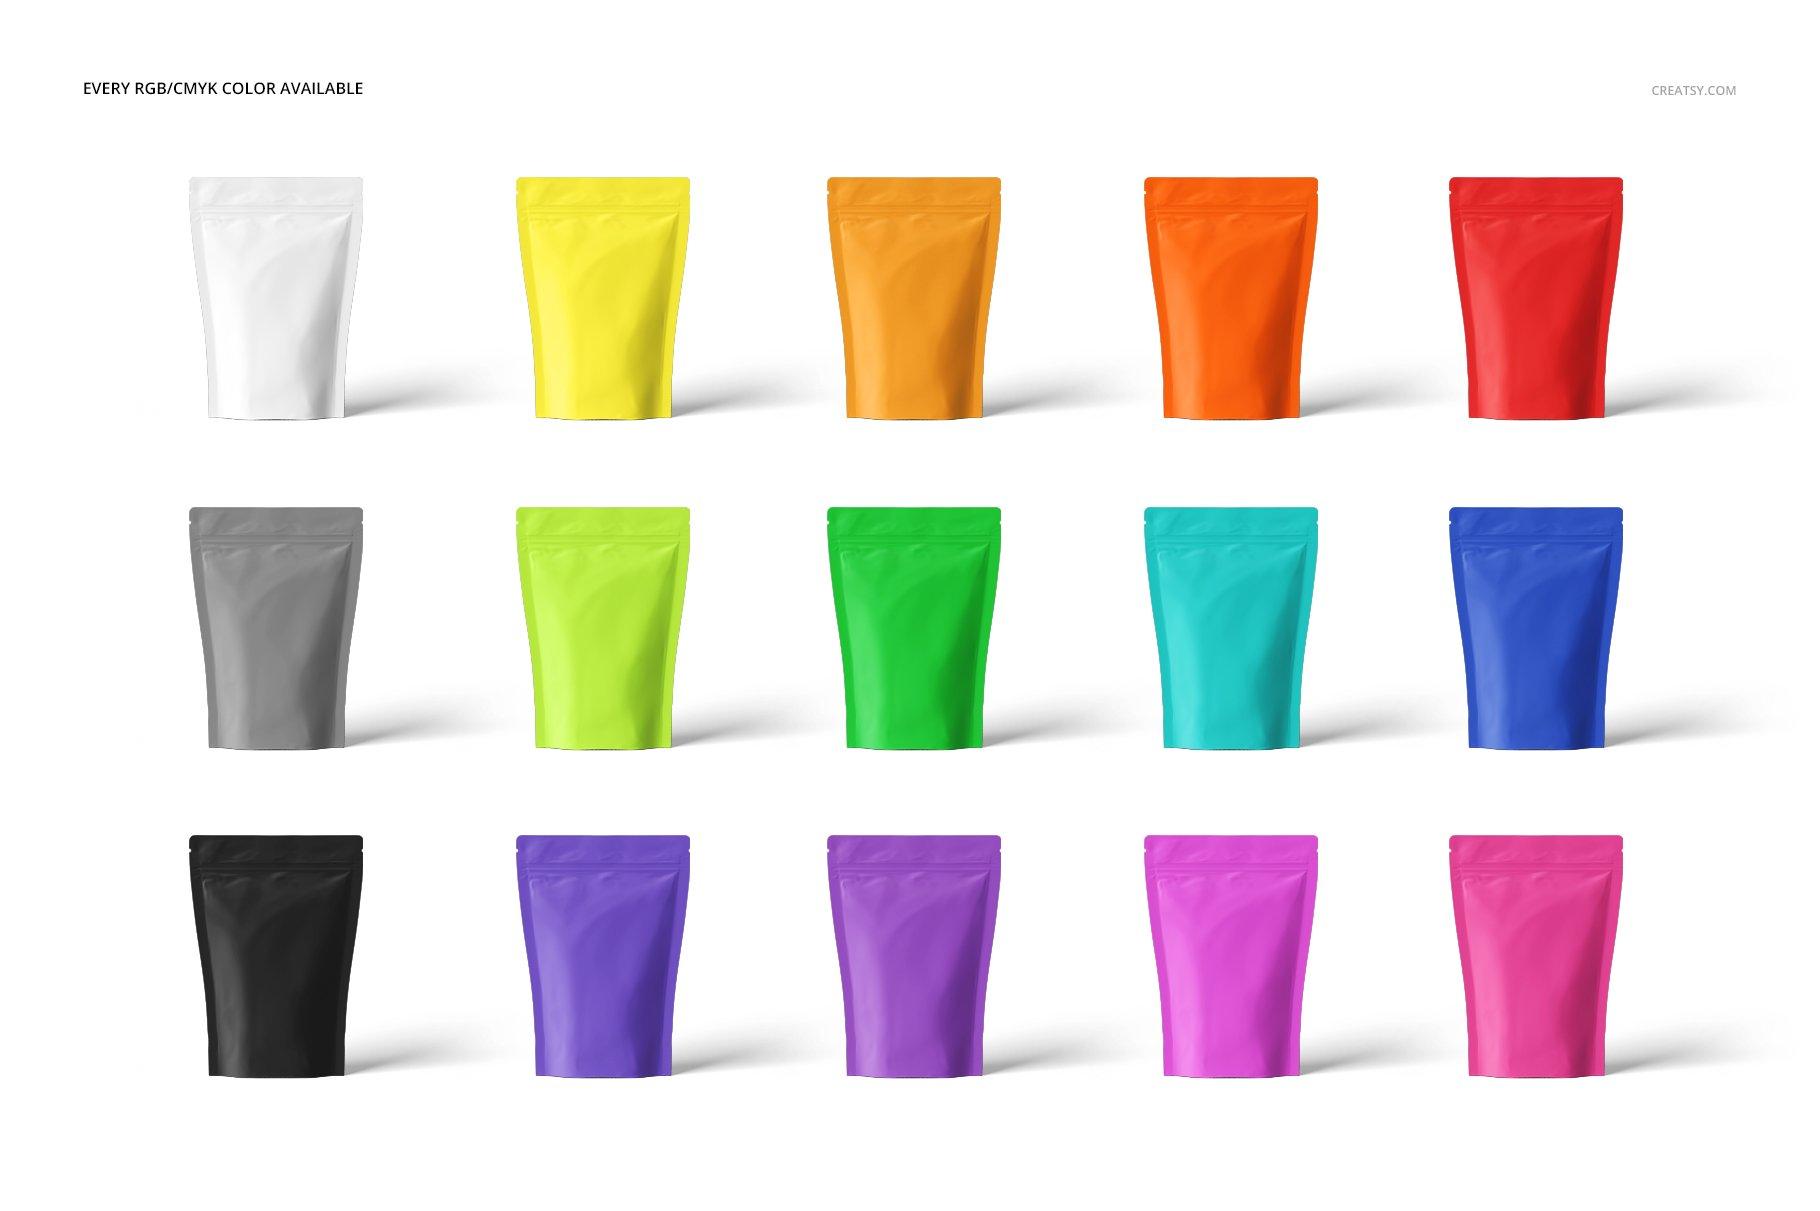 简约立式拉链锁食品自封袋塑料袋设计展示样机合集 Stand Up Pouch (mat) Mockup Set插图(2)